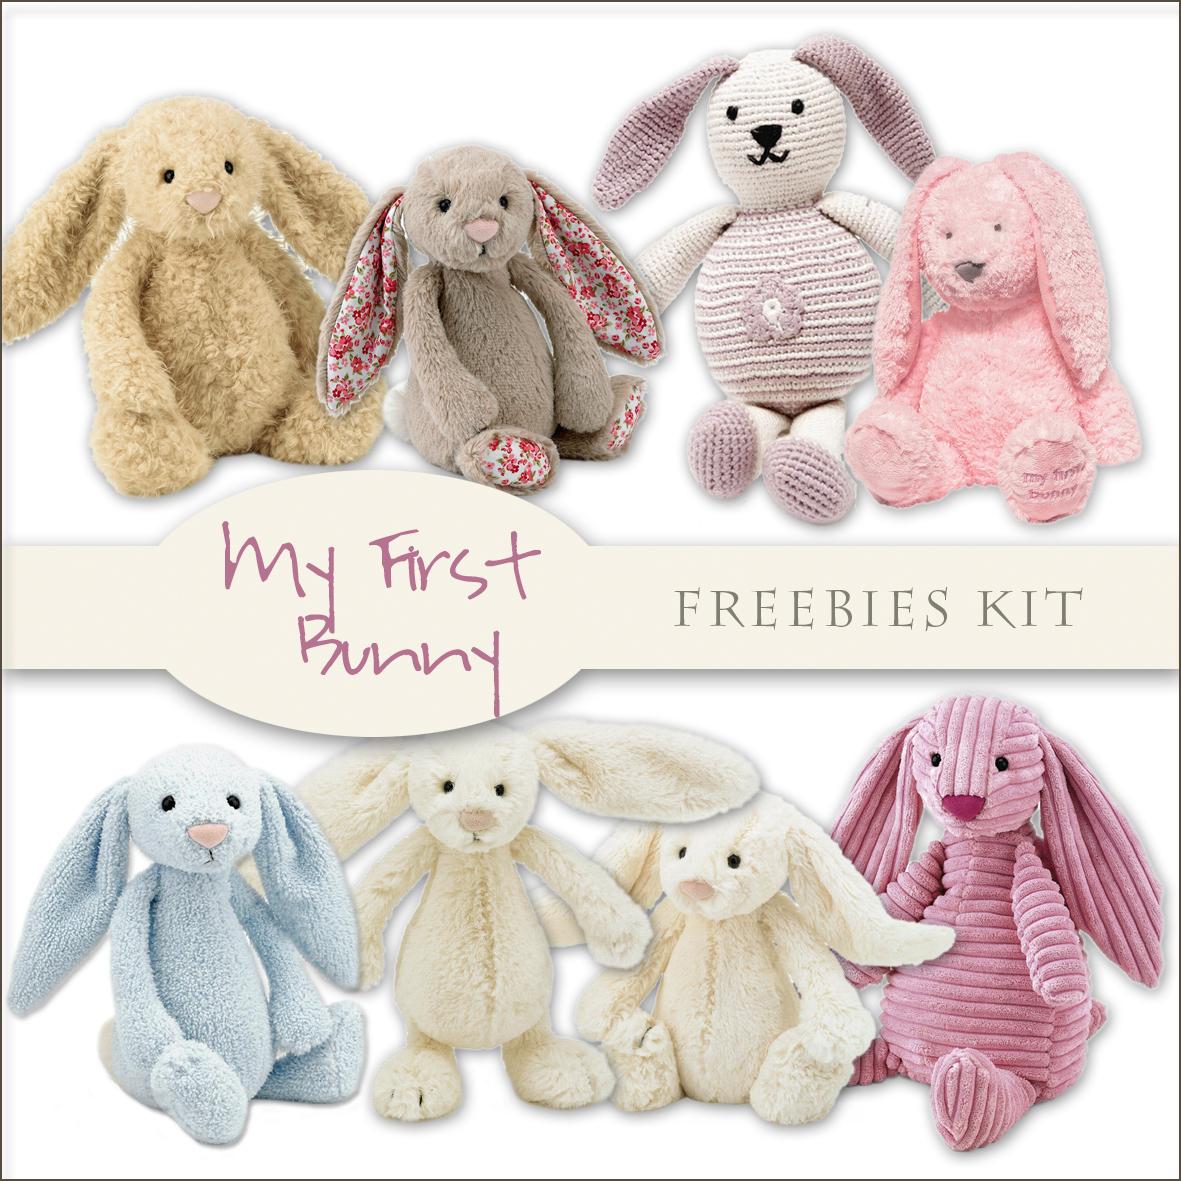 Rabbit freebies